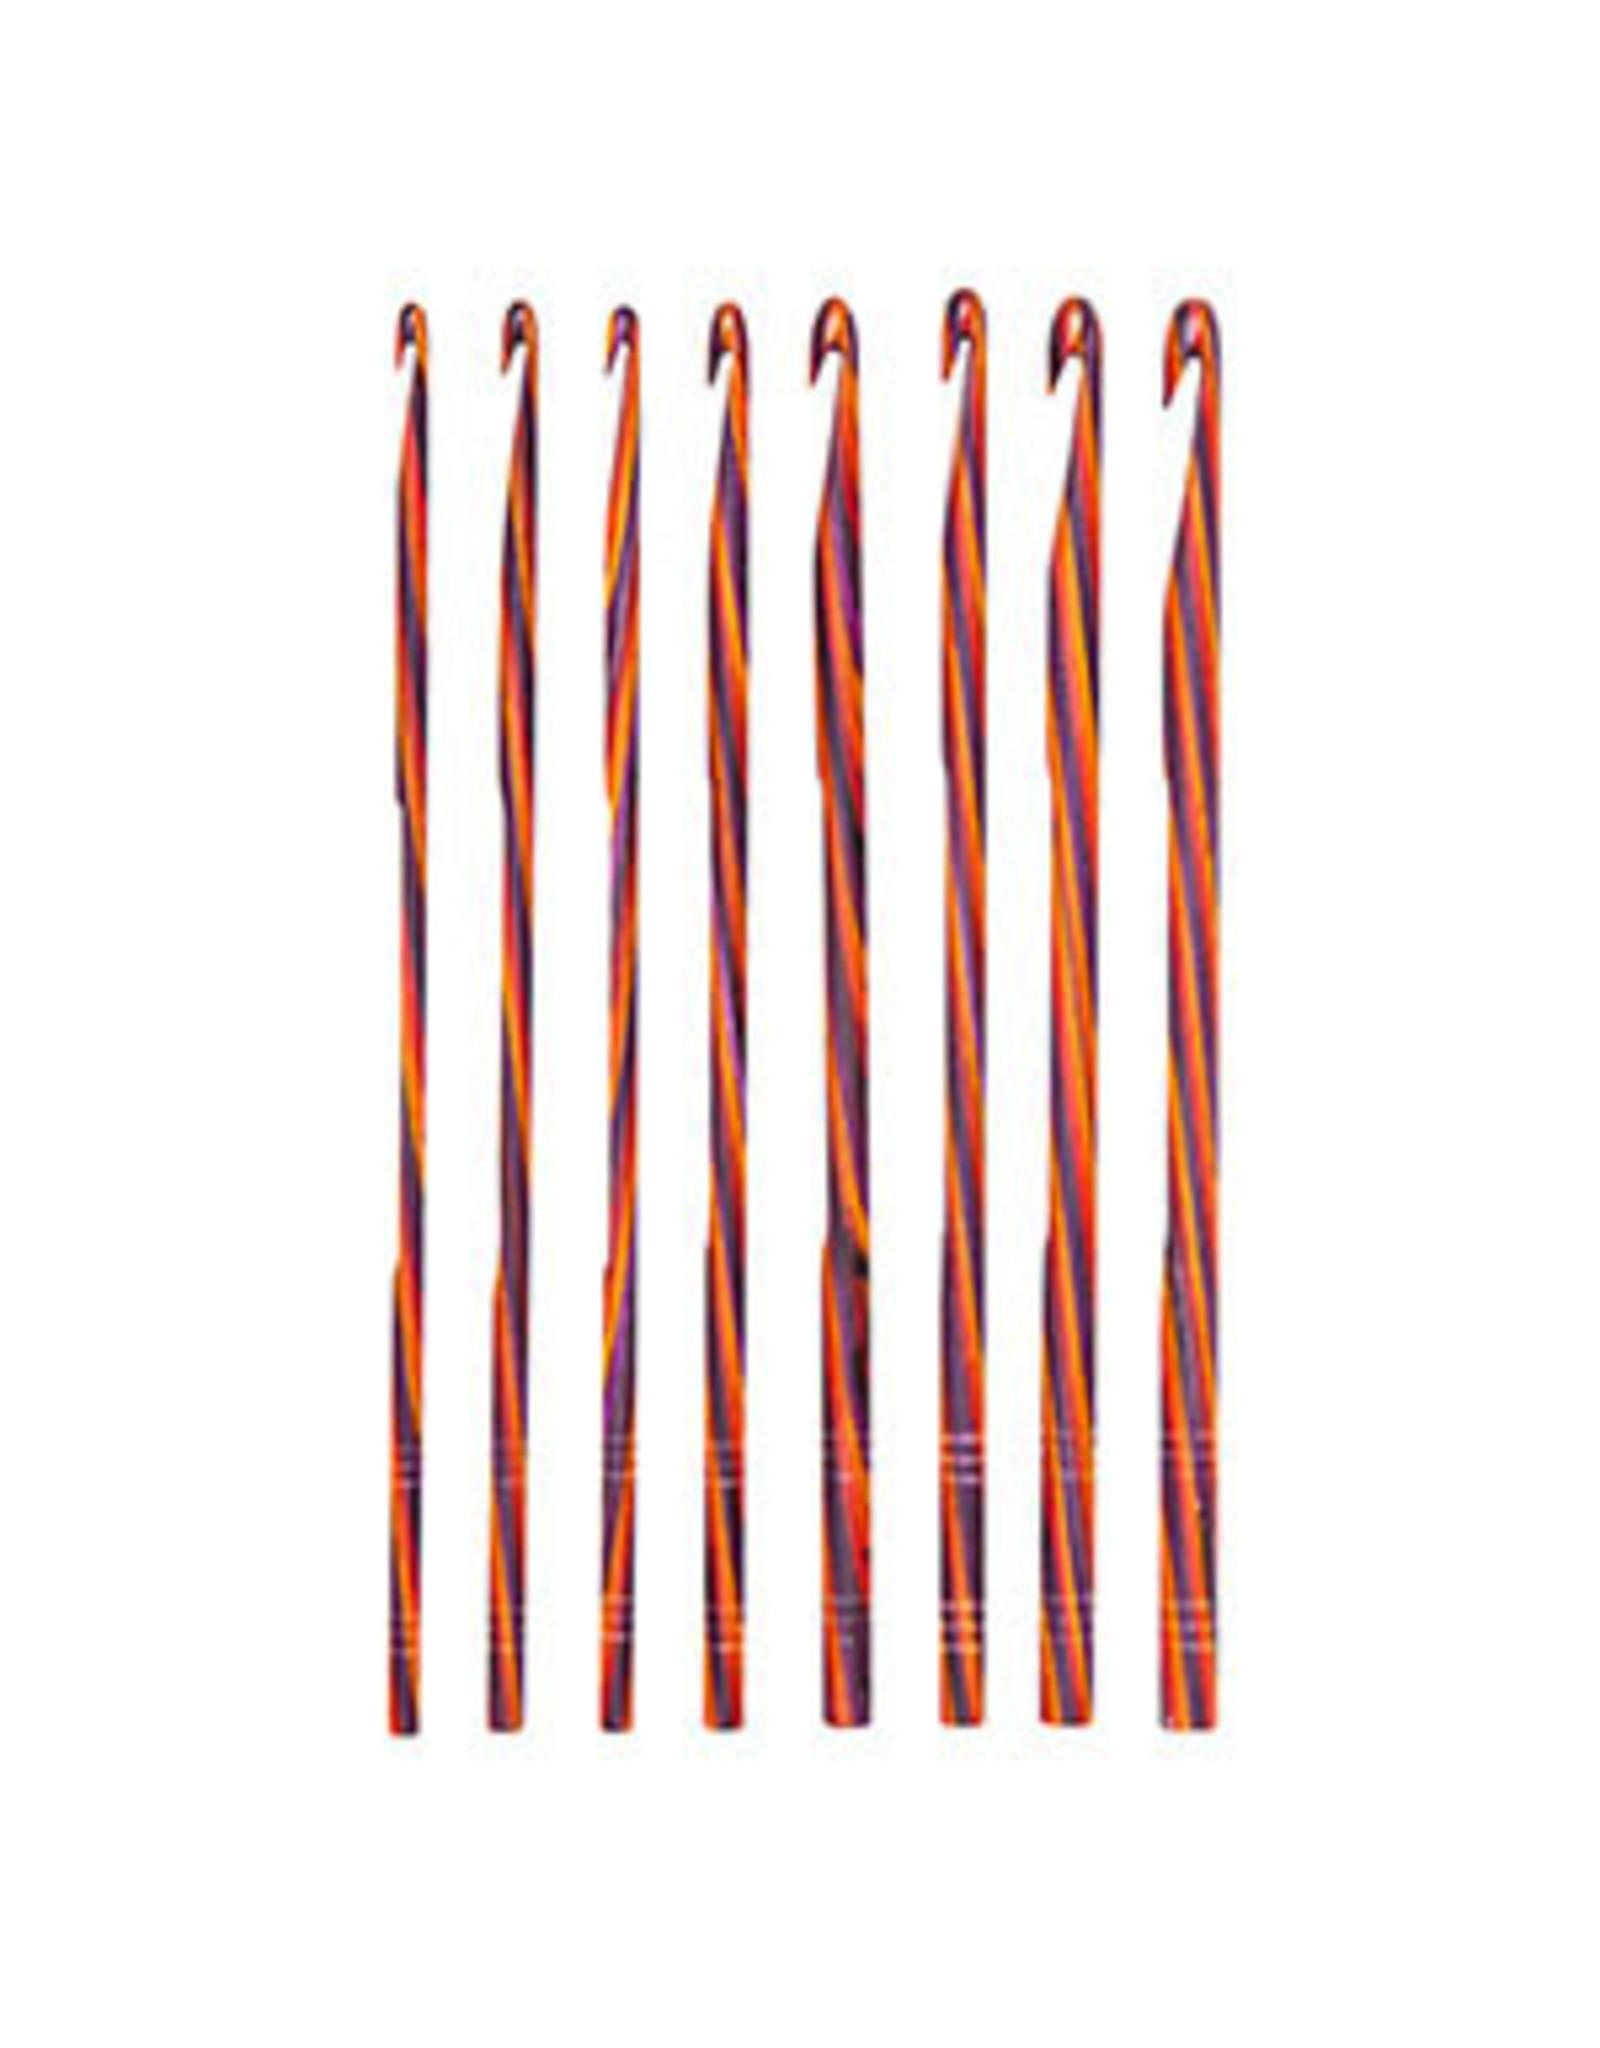 Knit Picks Radiant Regular Crochet - Knit Picks